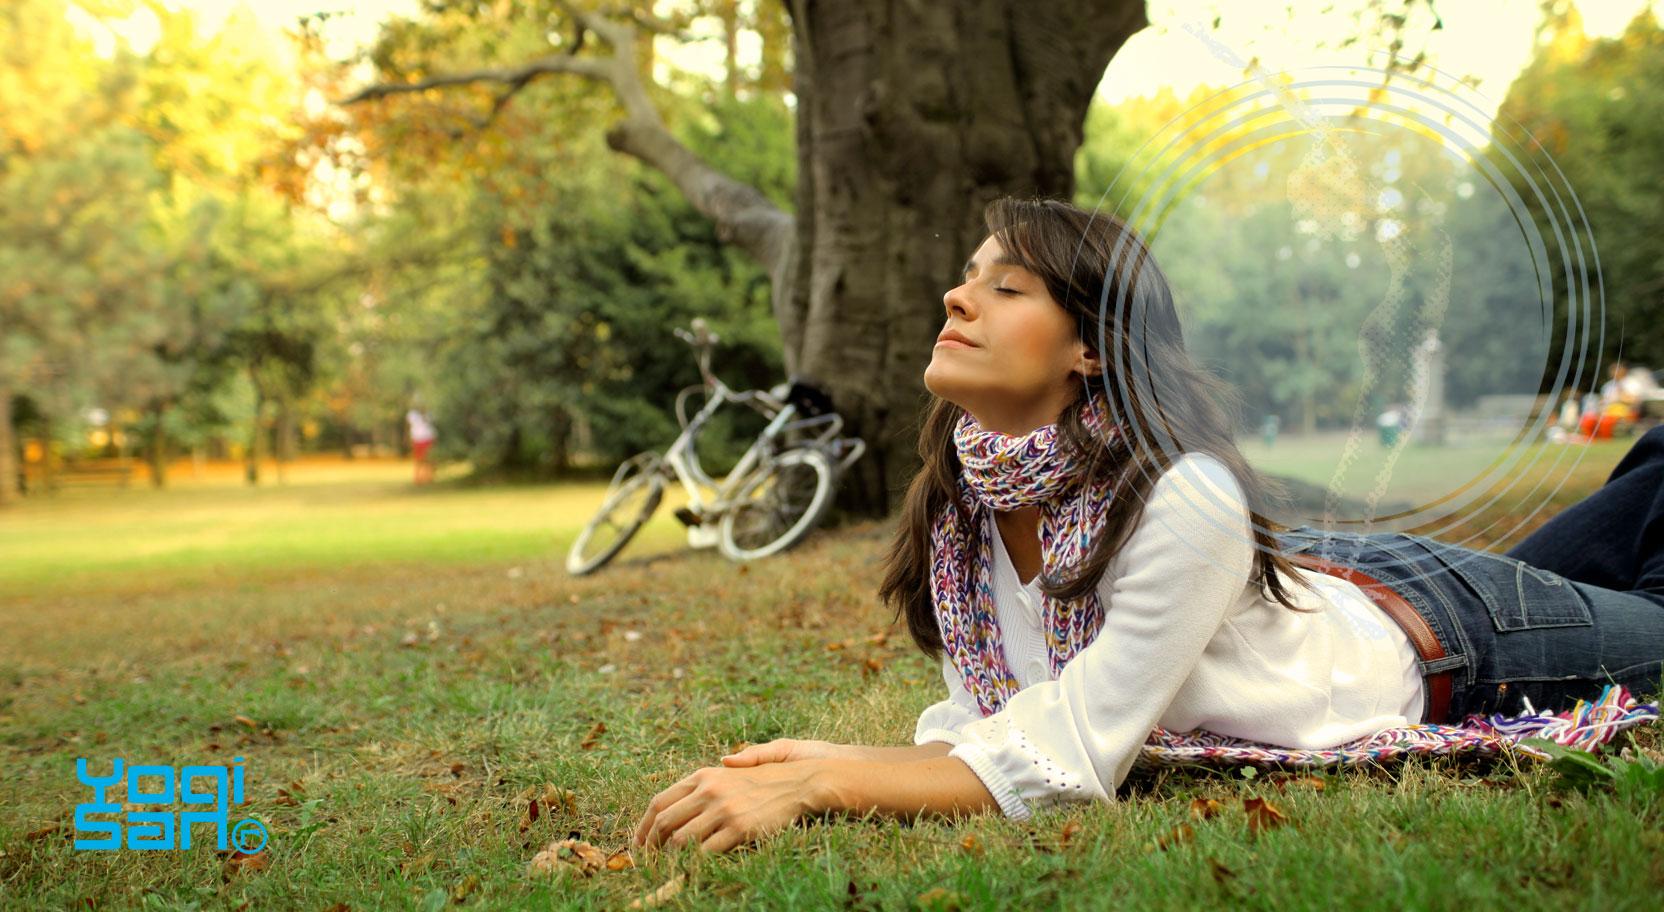 Prāna betekent levenskracht en bevindt zich vooral in de lucht die we inademen